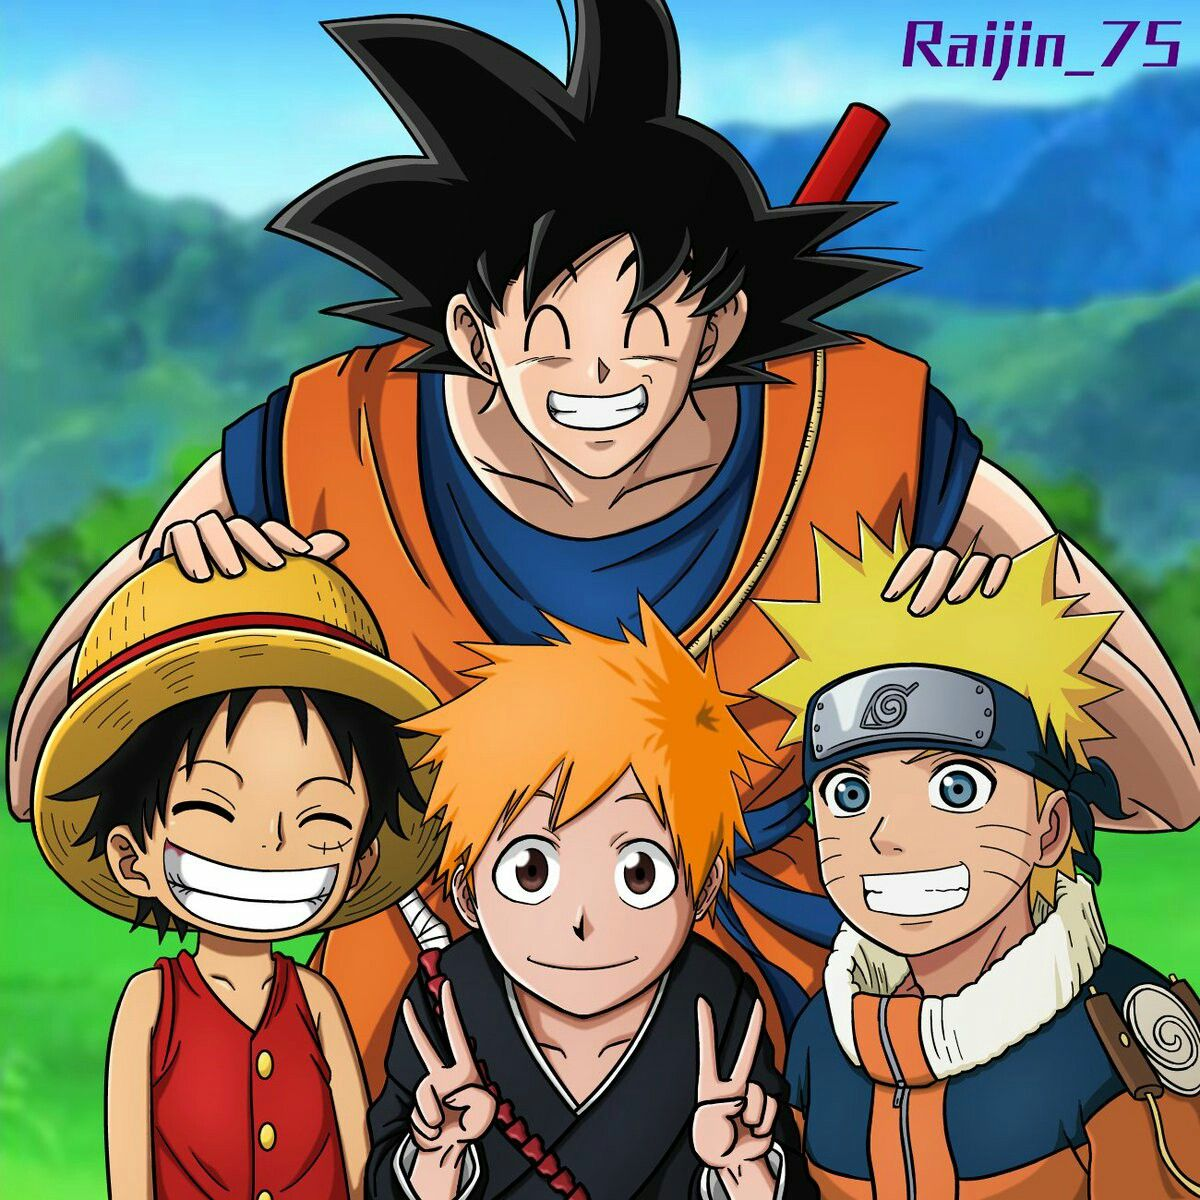 Peleas callejeras de naruto es lo que te espera en los 10 niveles que componen este juego. Goku with Luffy, Ichigo and Naruto | Anime, Personagens de ...